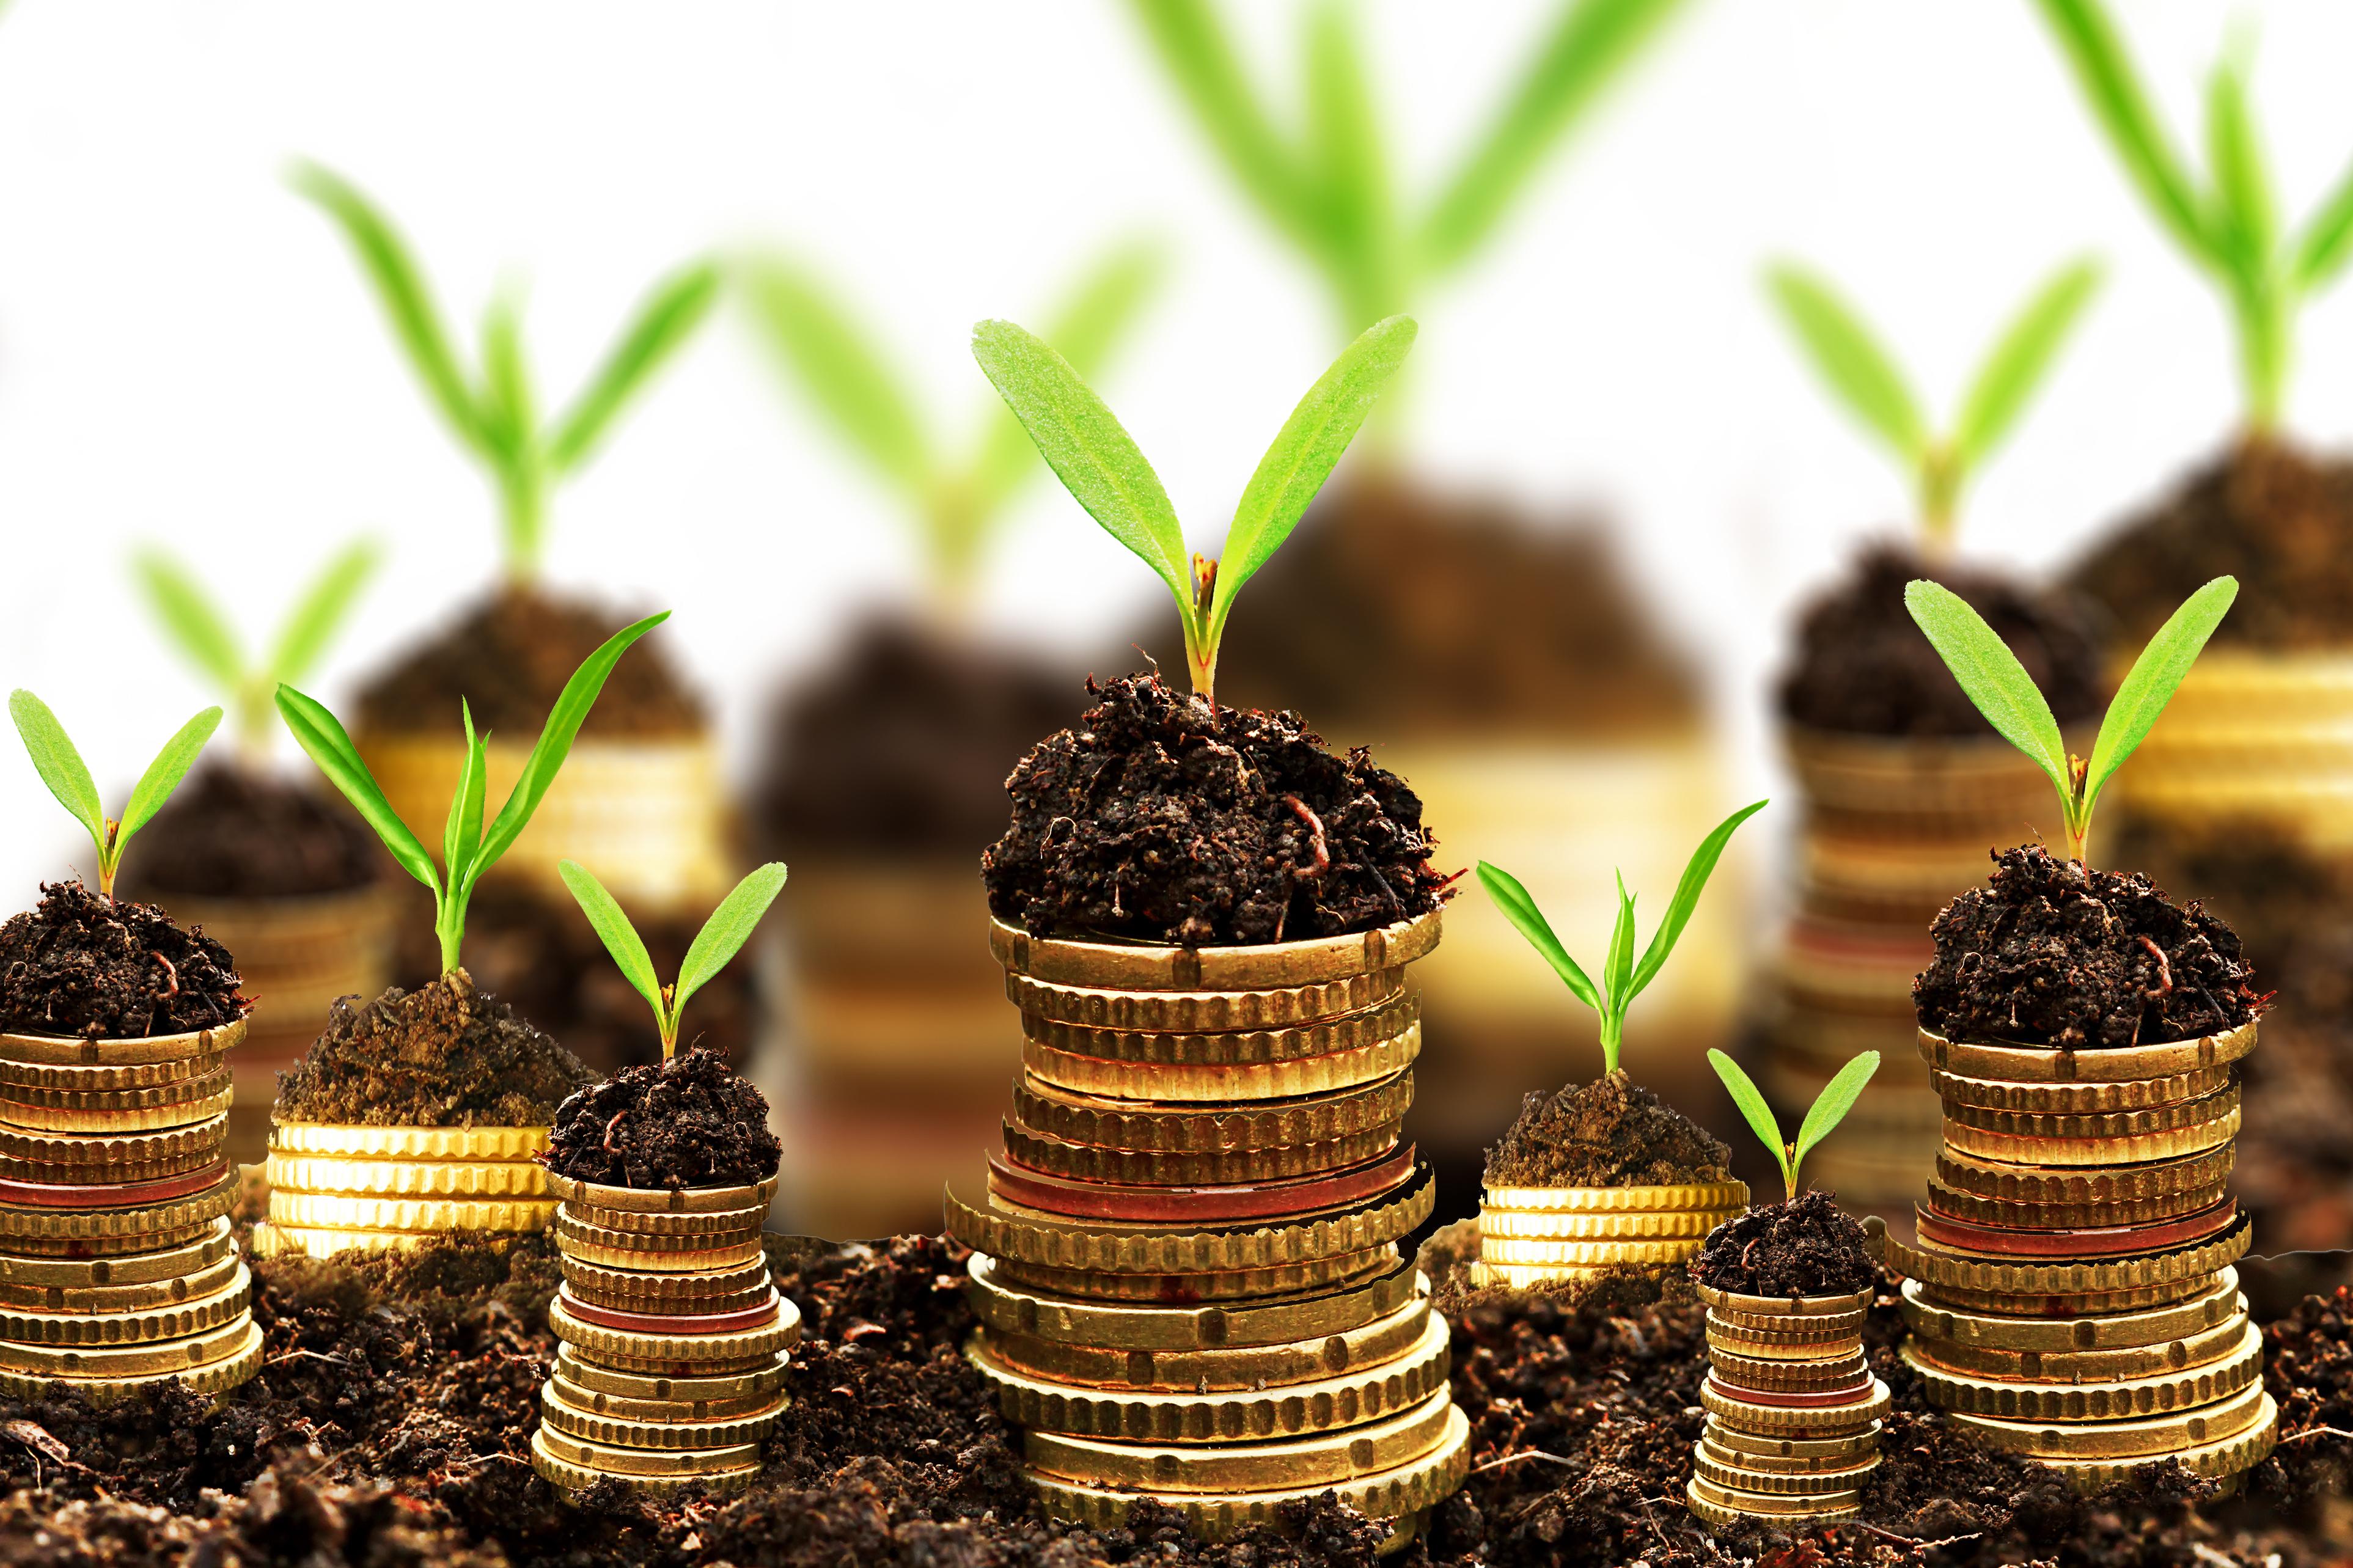 инвесторы дающие деньги в долг онлайн заявка на кредит под залог автомобиля в почта банке